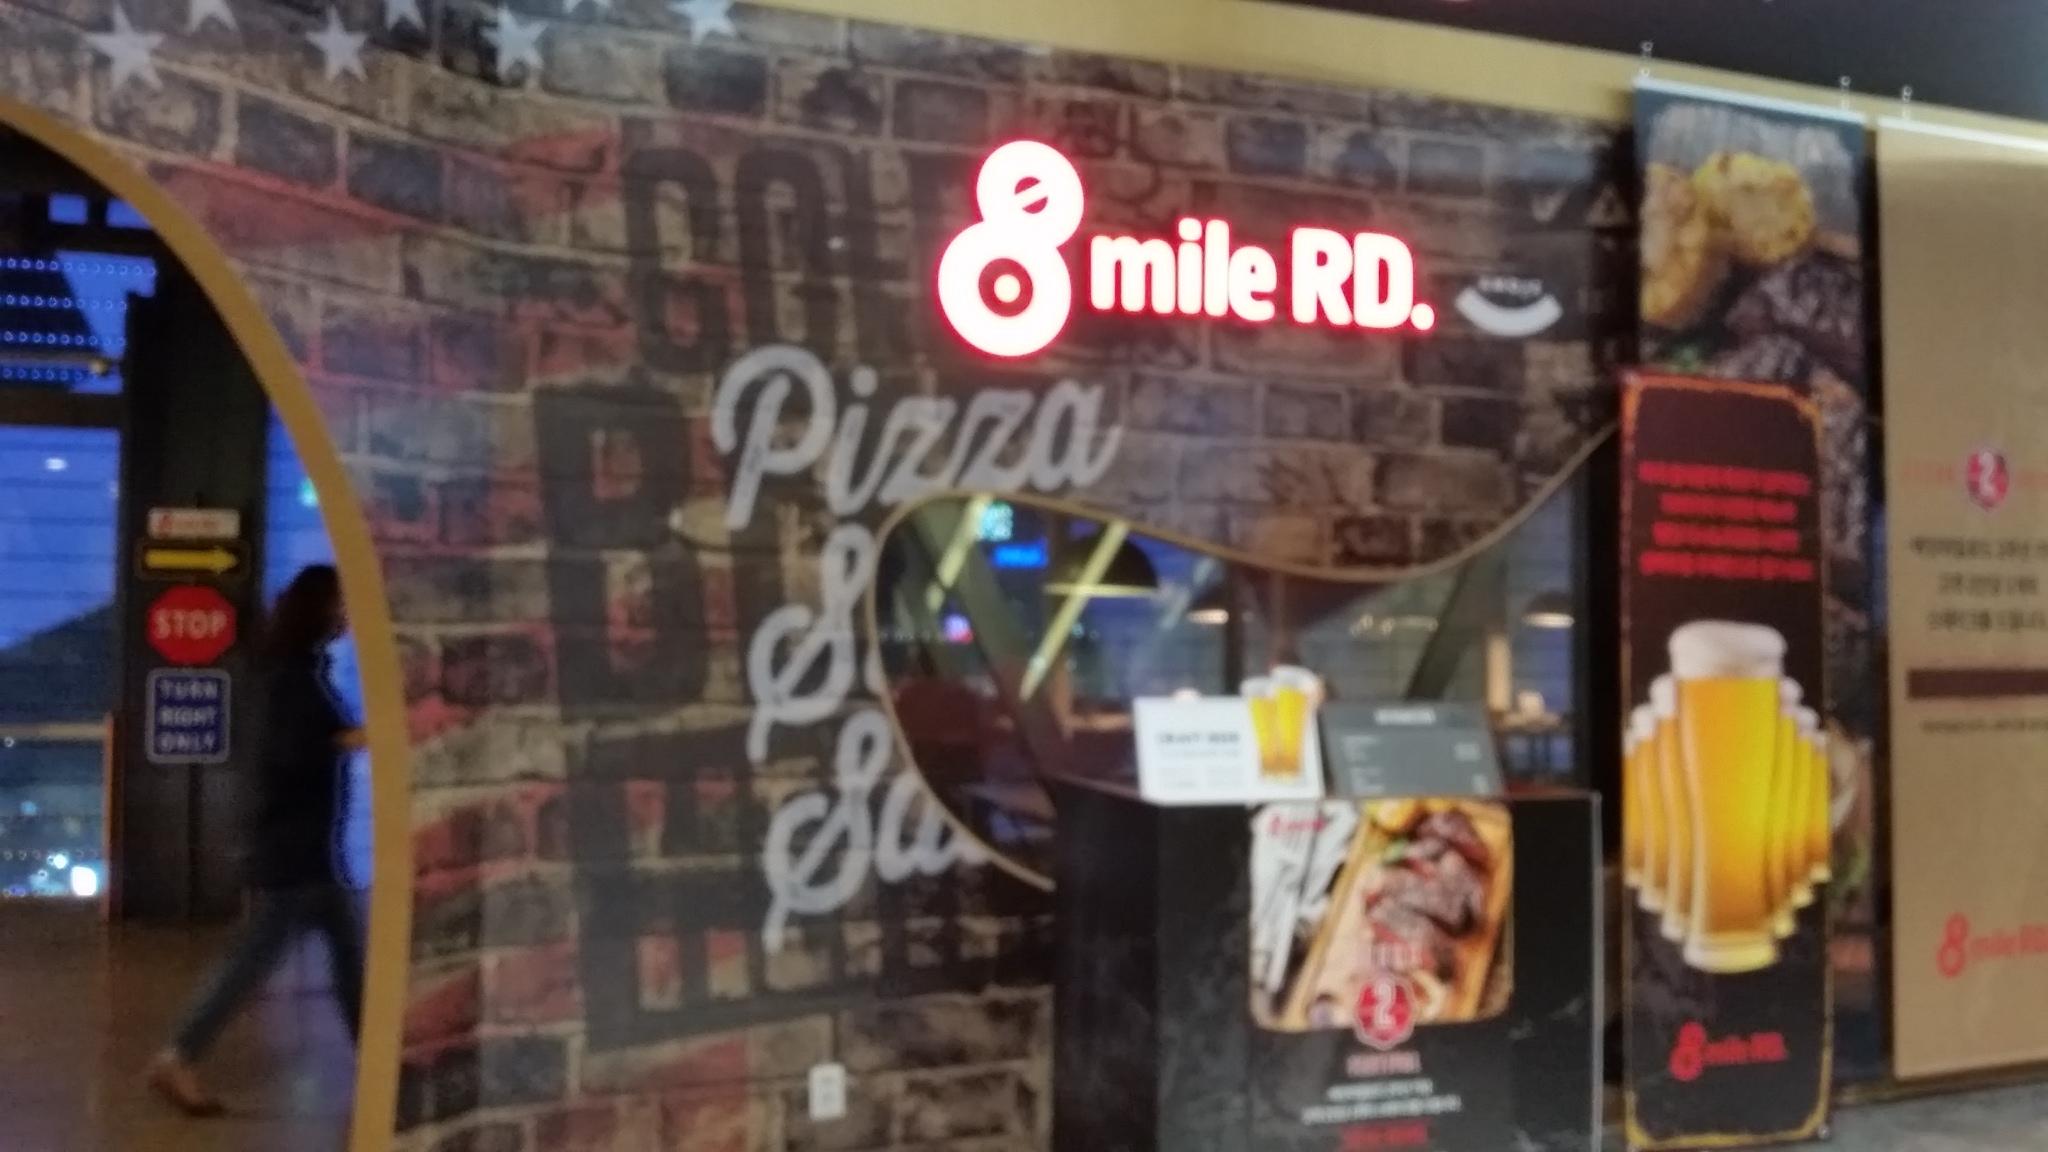 「8mile Road」アメリカンスタイルのビュッフェ